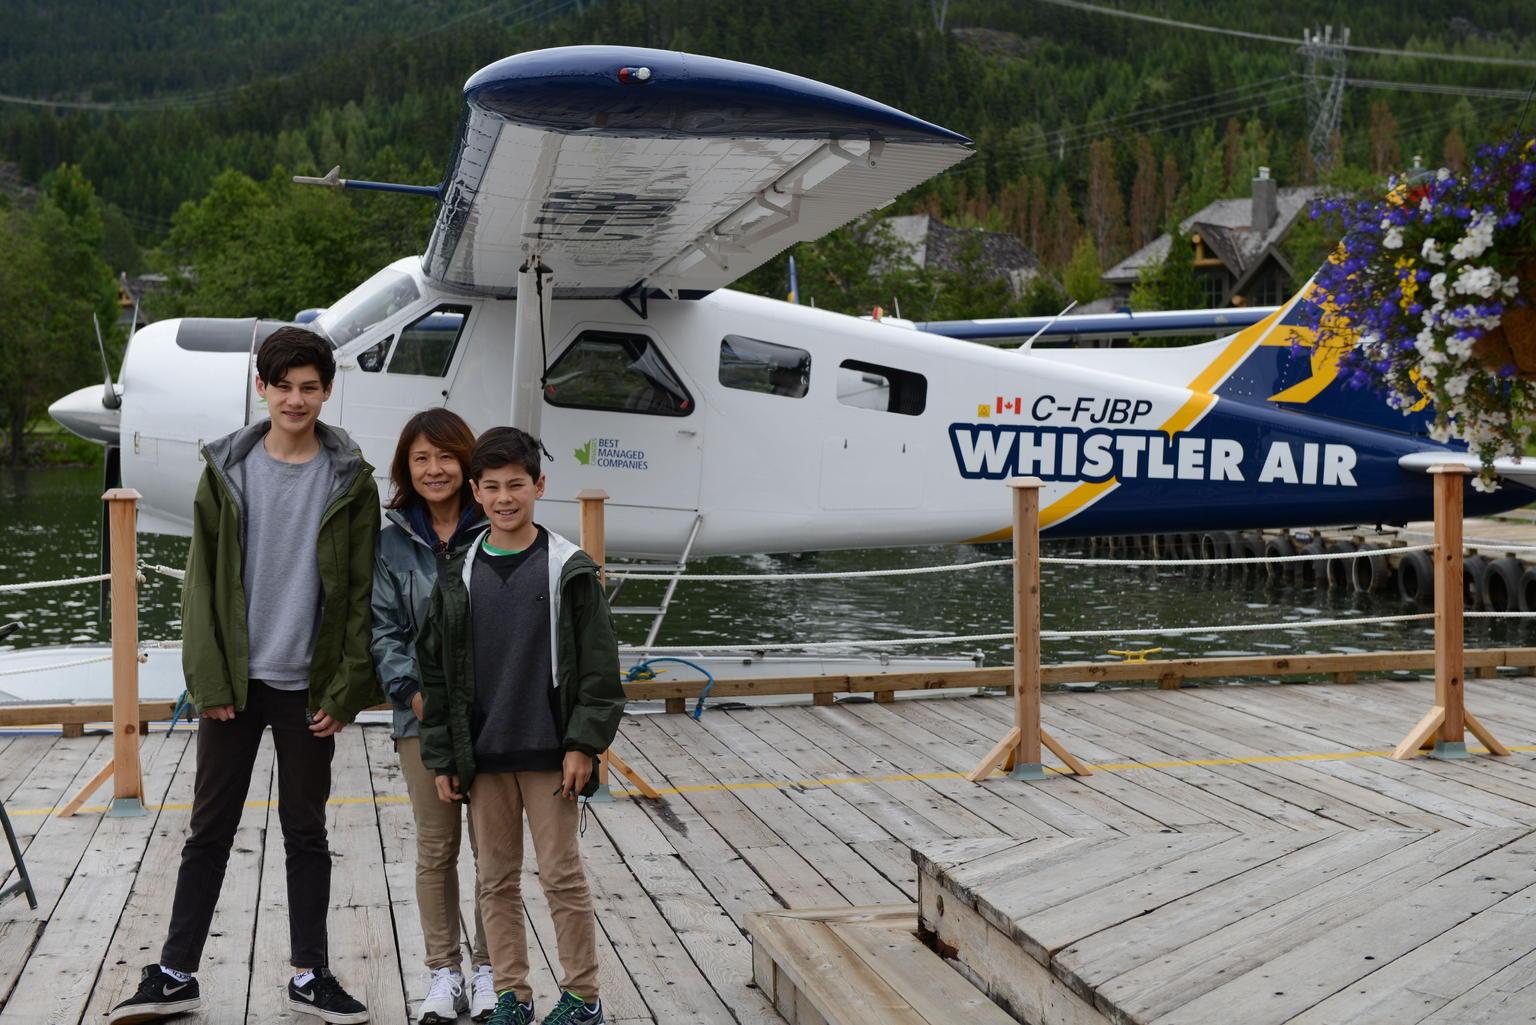 - Whistler, CANADA